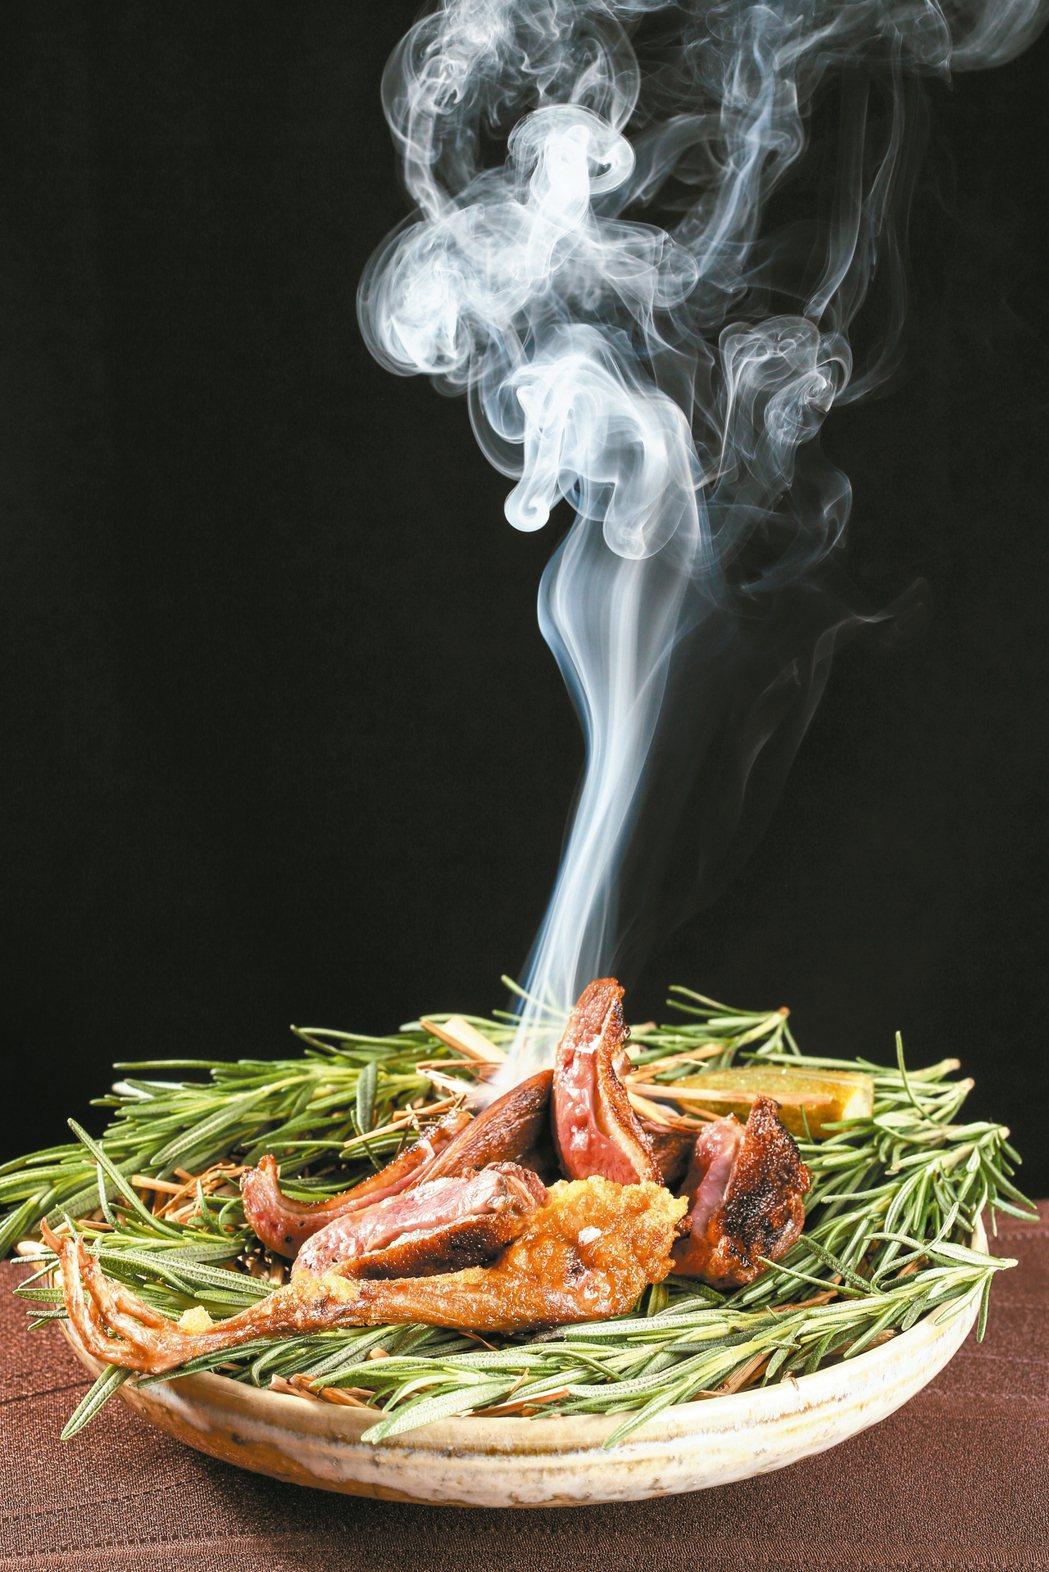 以馬告調味、備長炭燒烤的乳鴿 迷迭香,可搭配30年的梅山蒔茶。 圖/陳正興、陳瑞...